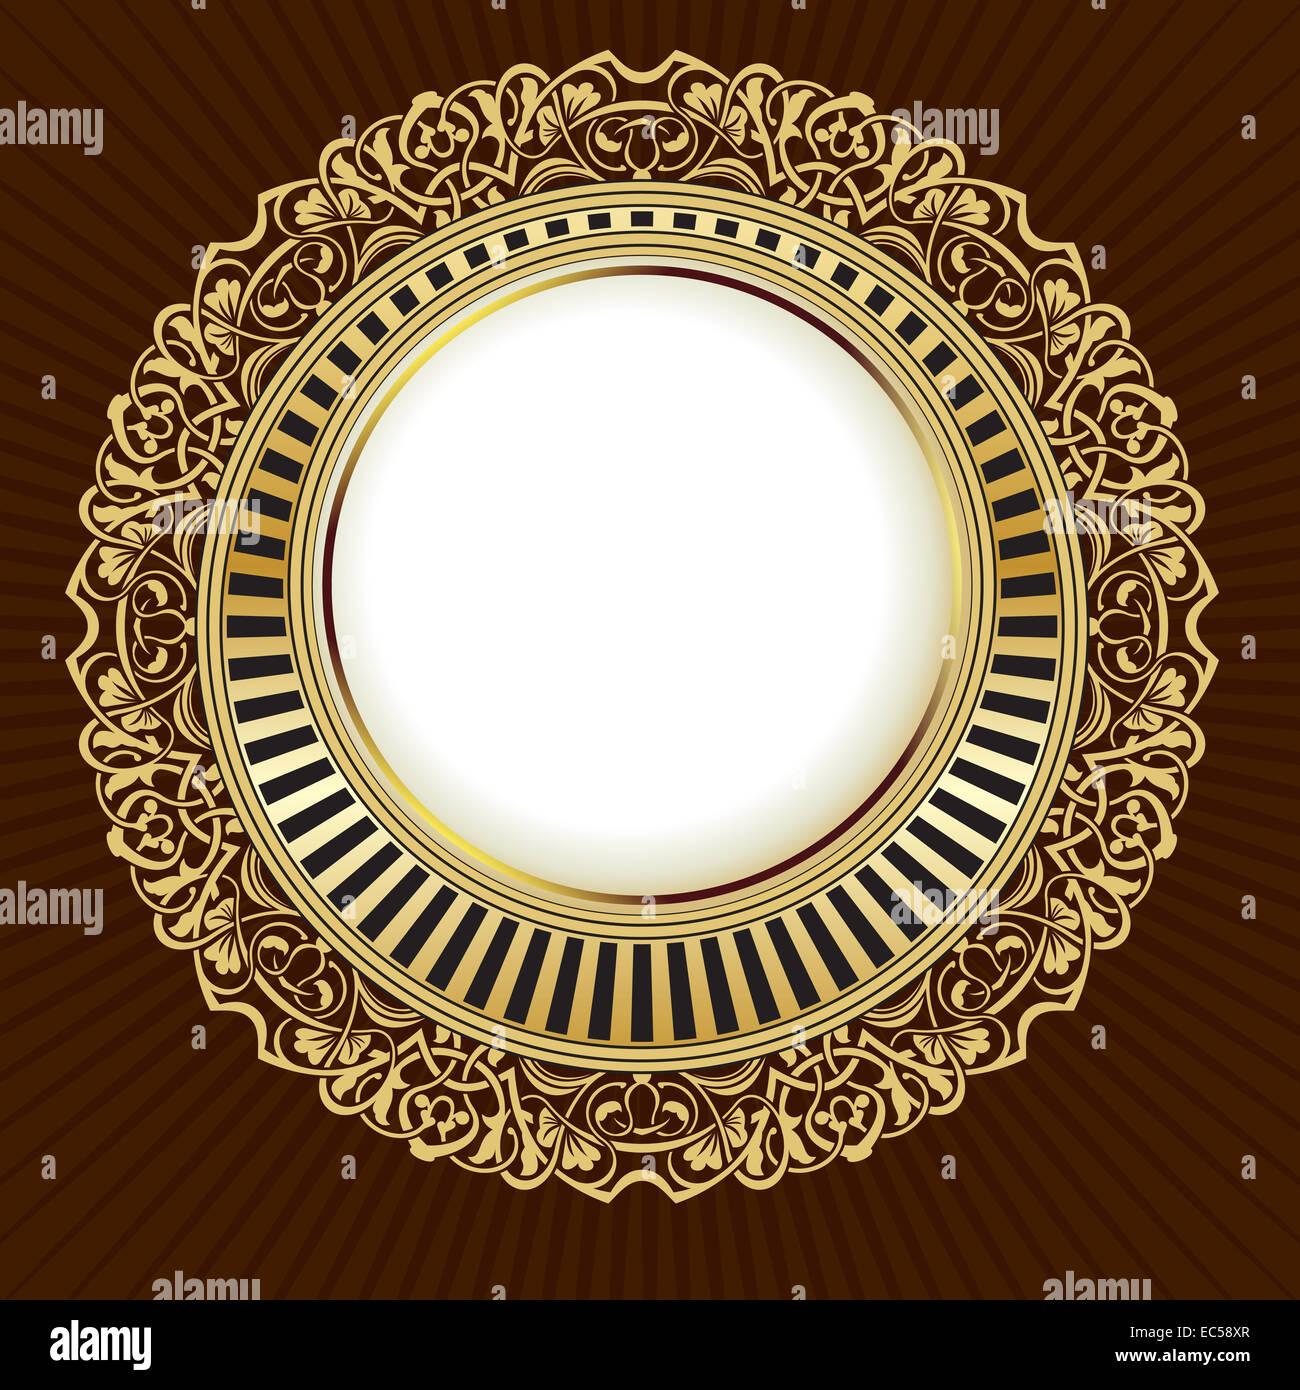 Gold vintage frame with floral ornamental border - Stock Image